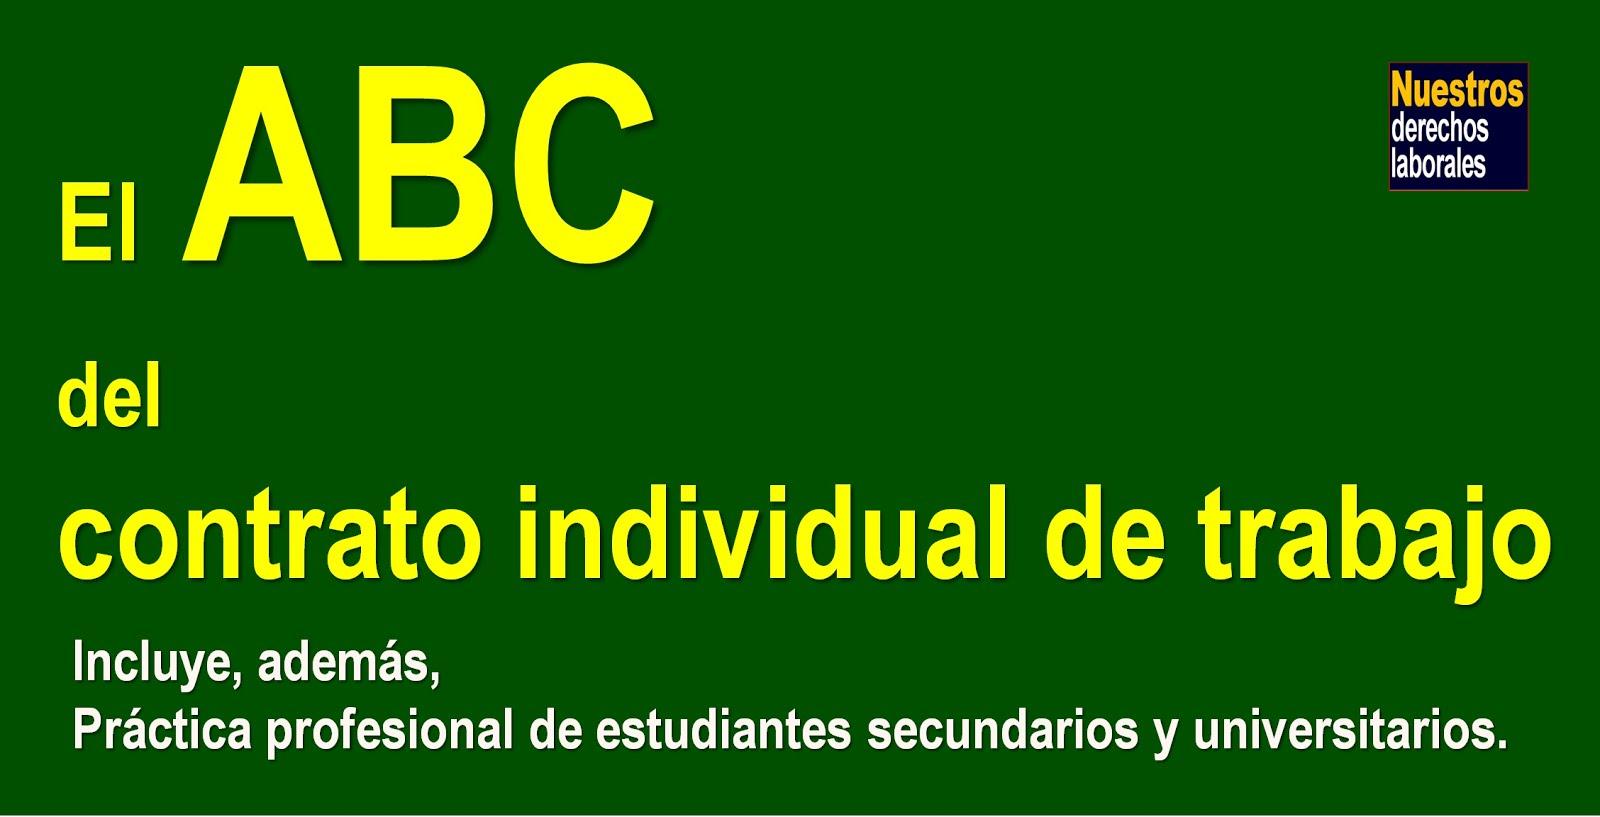 El ABC del contrato individual de trabajo.